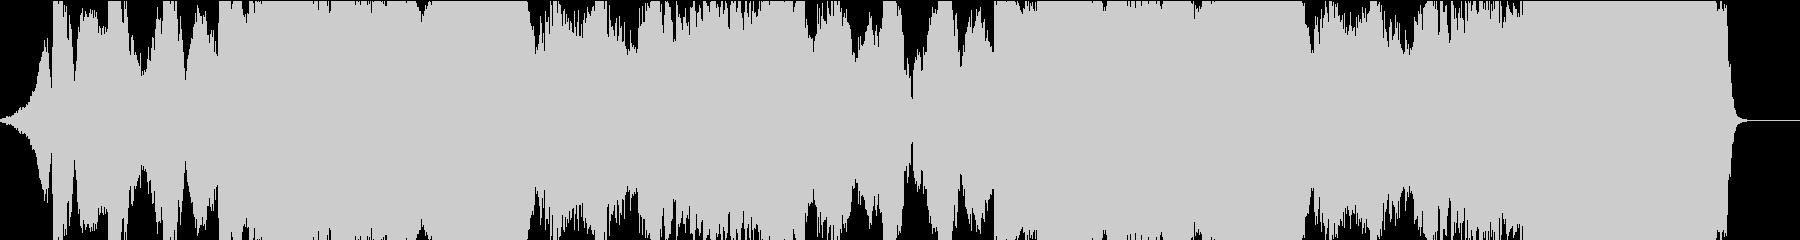 戦闘オーケストラ(ボスキャラとのバトル)の未再生の波形